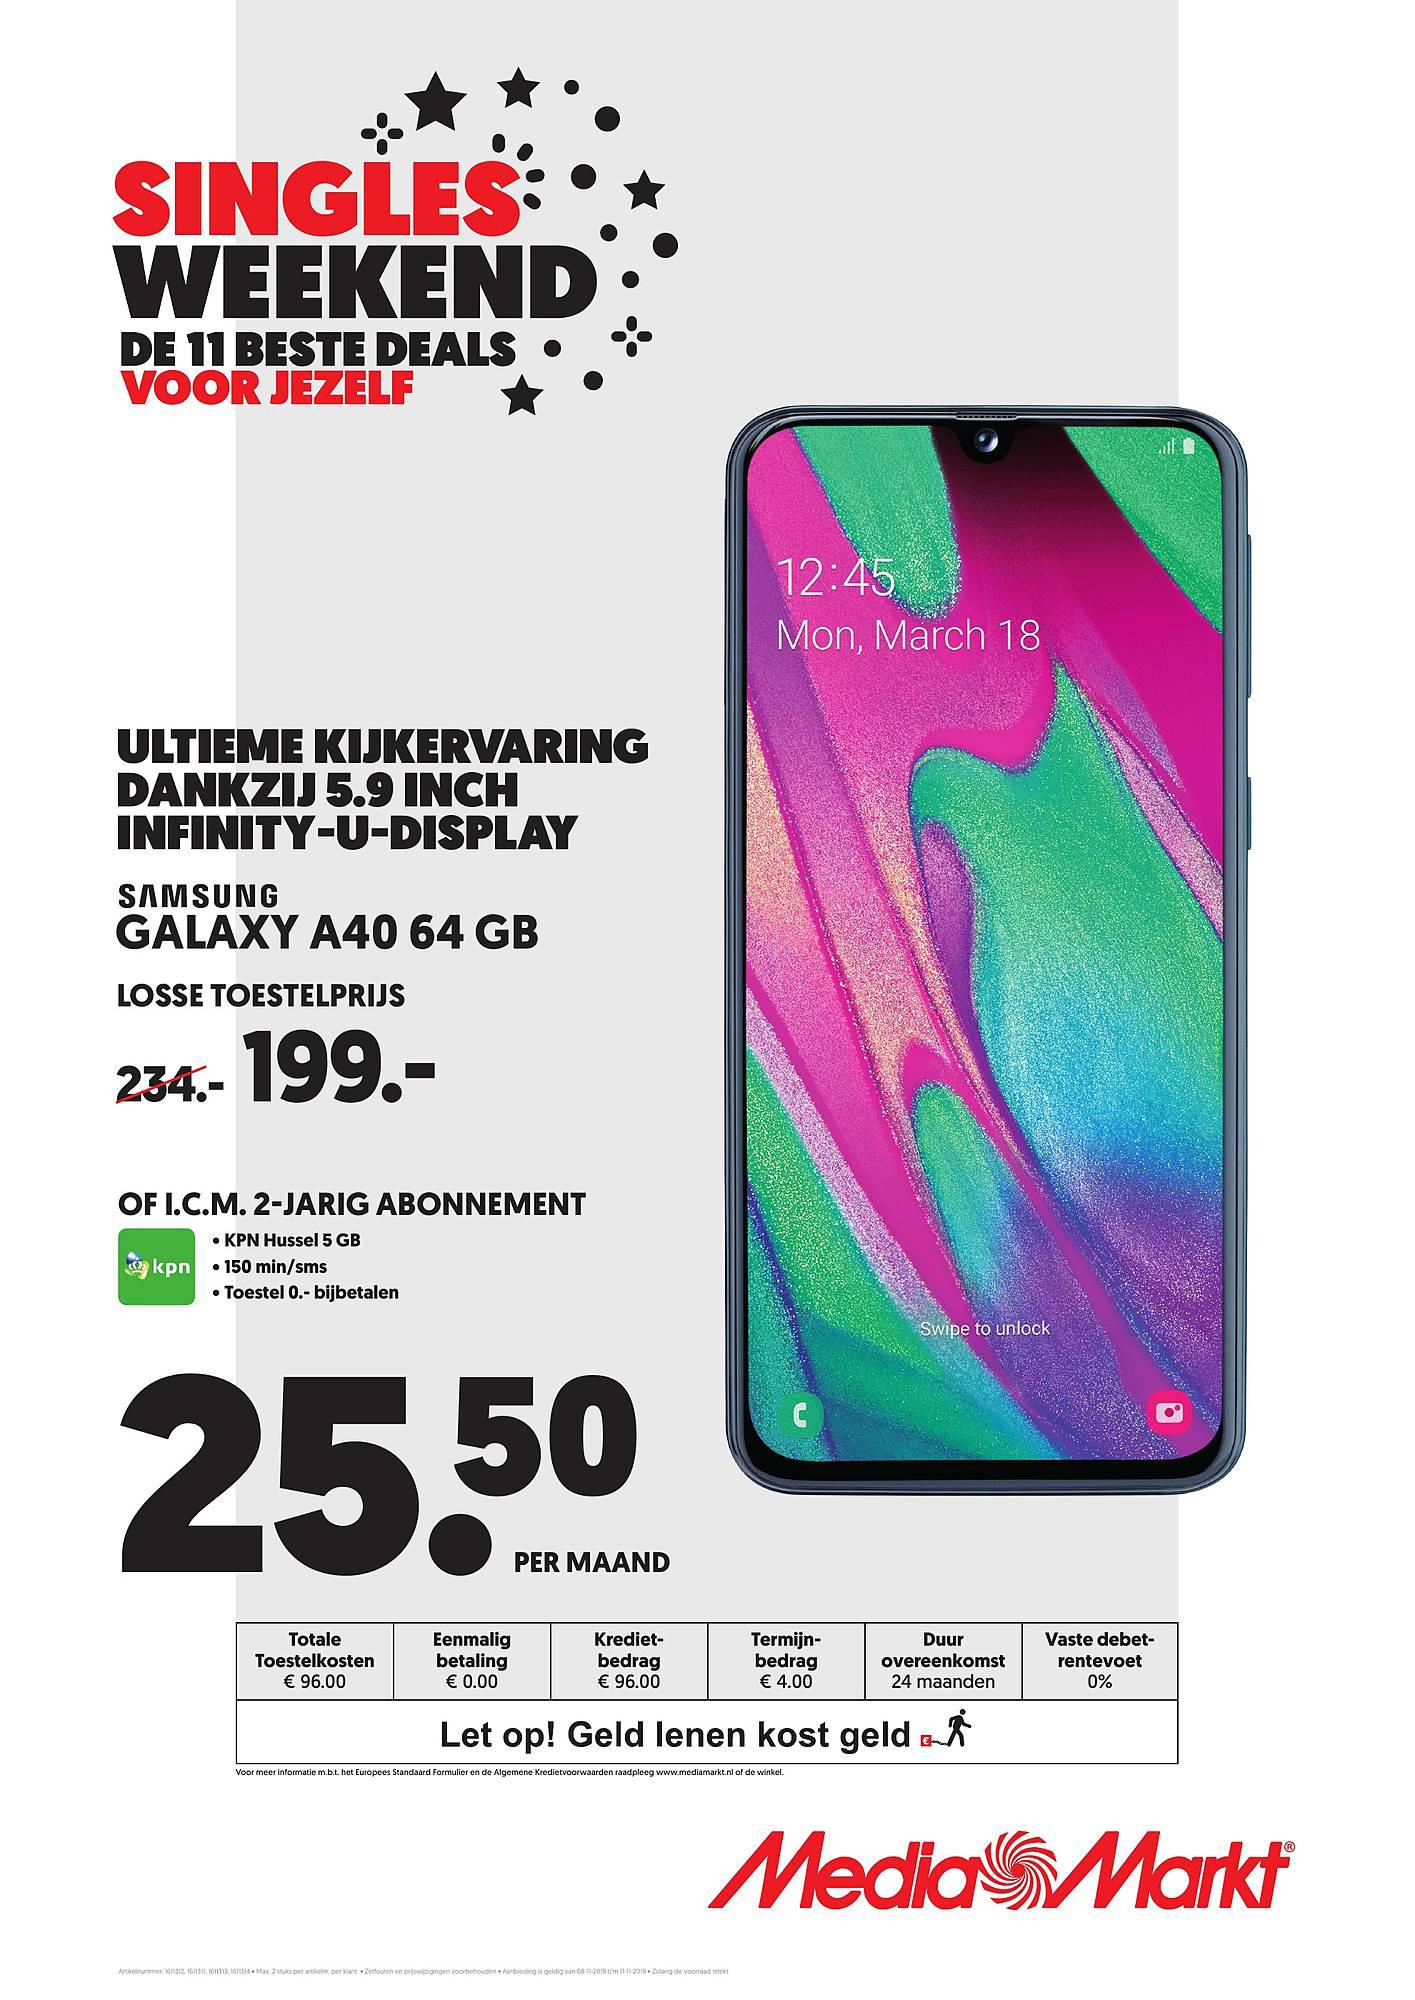 MediaMarkt Samsung Galaxy A40 64 GB